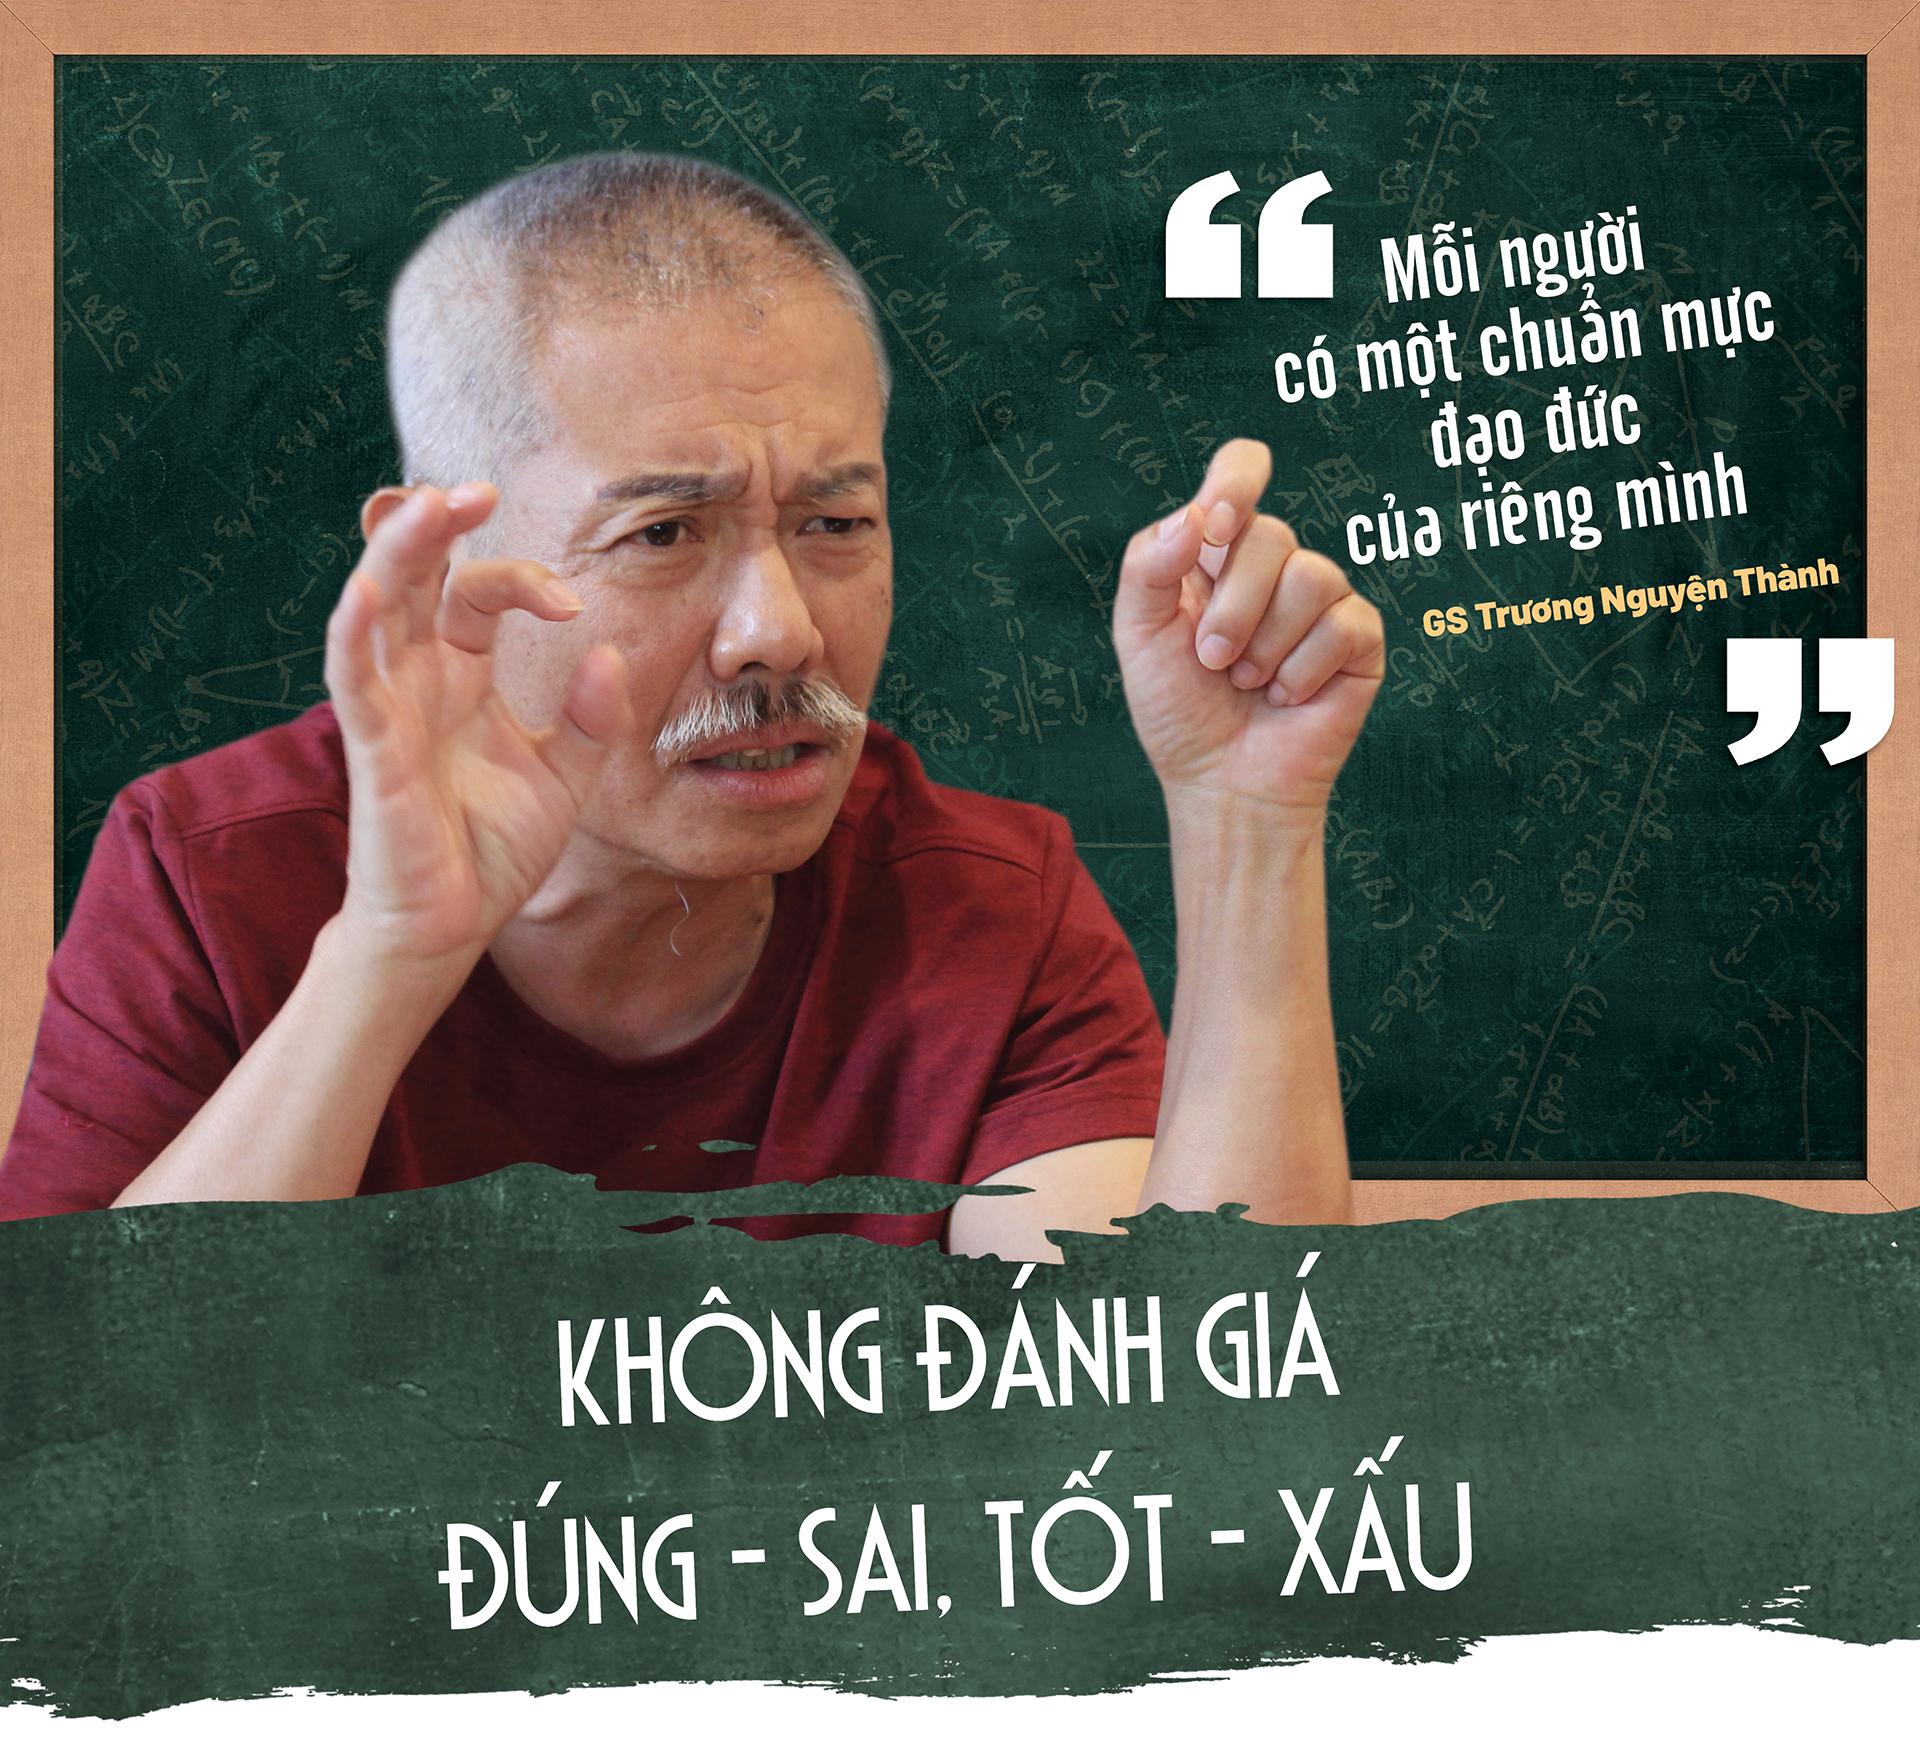 """Giáo sư """"quần đùi"""" Trương Nguyện Thành: """"Xóa học"""" để không đi theo lối mòn trong khoa học và tư duy - Ảnh 13."""